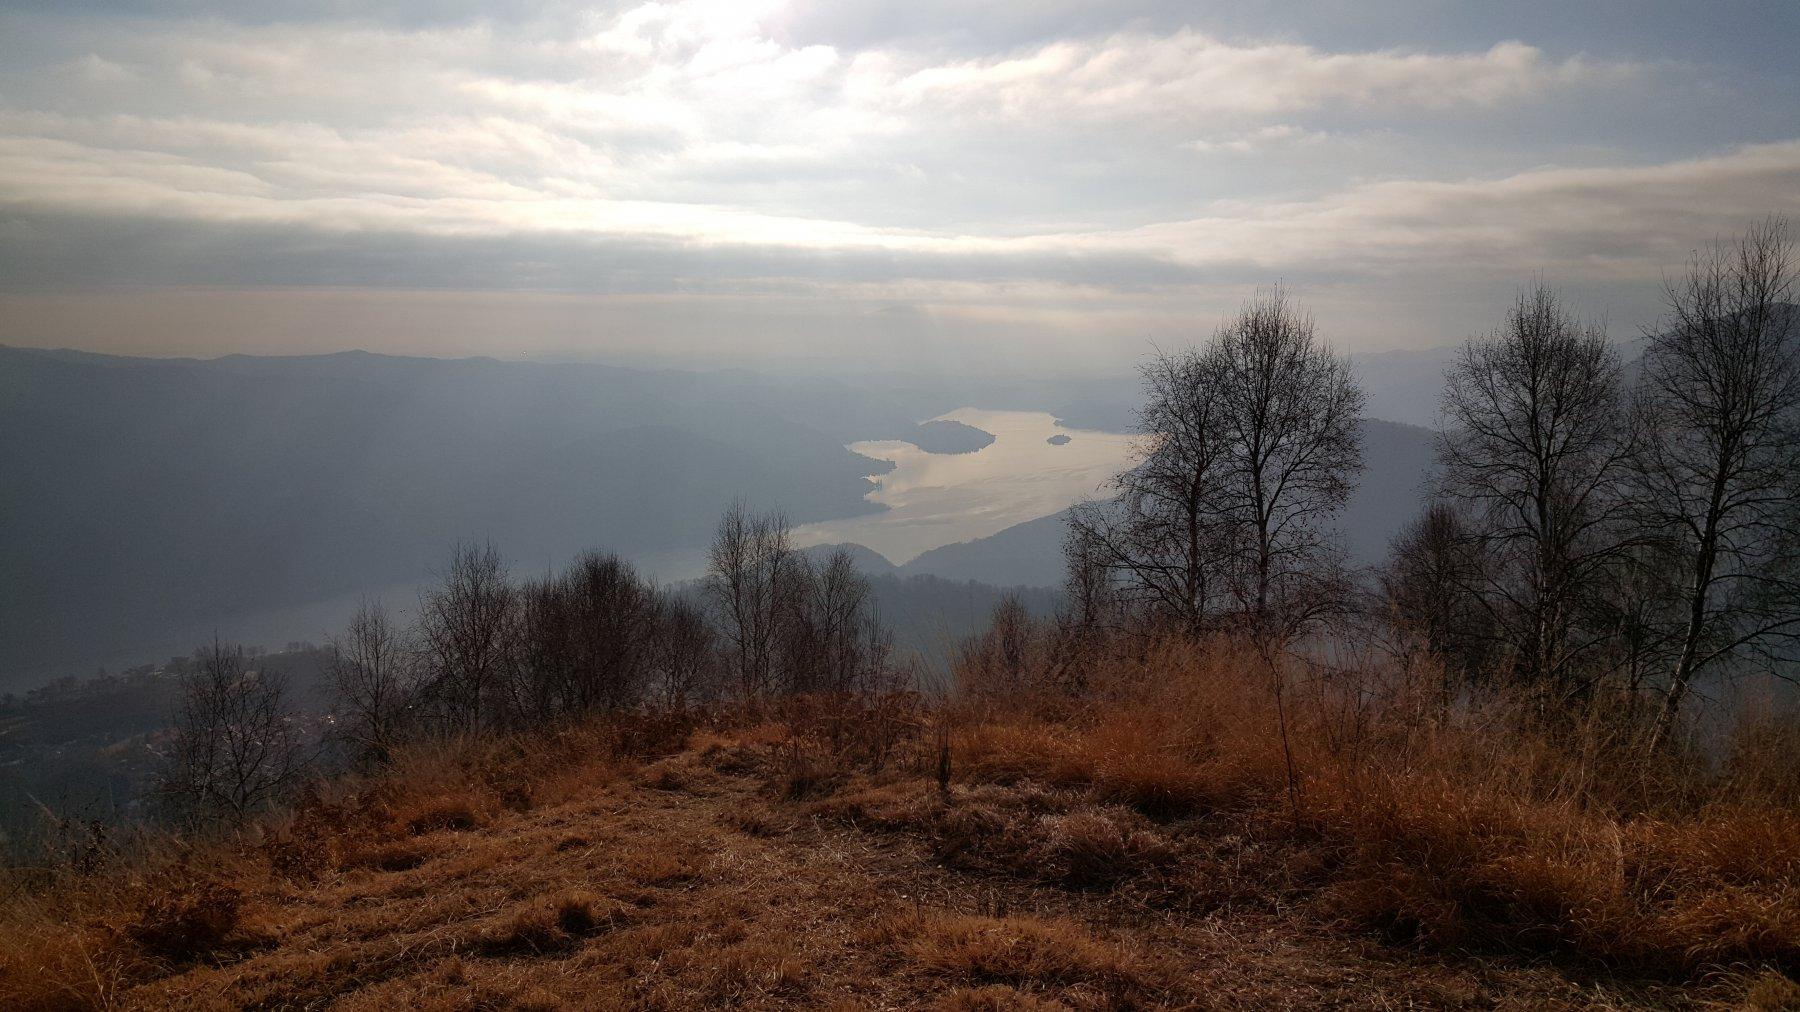 Vista sul lago D'Orta